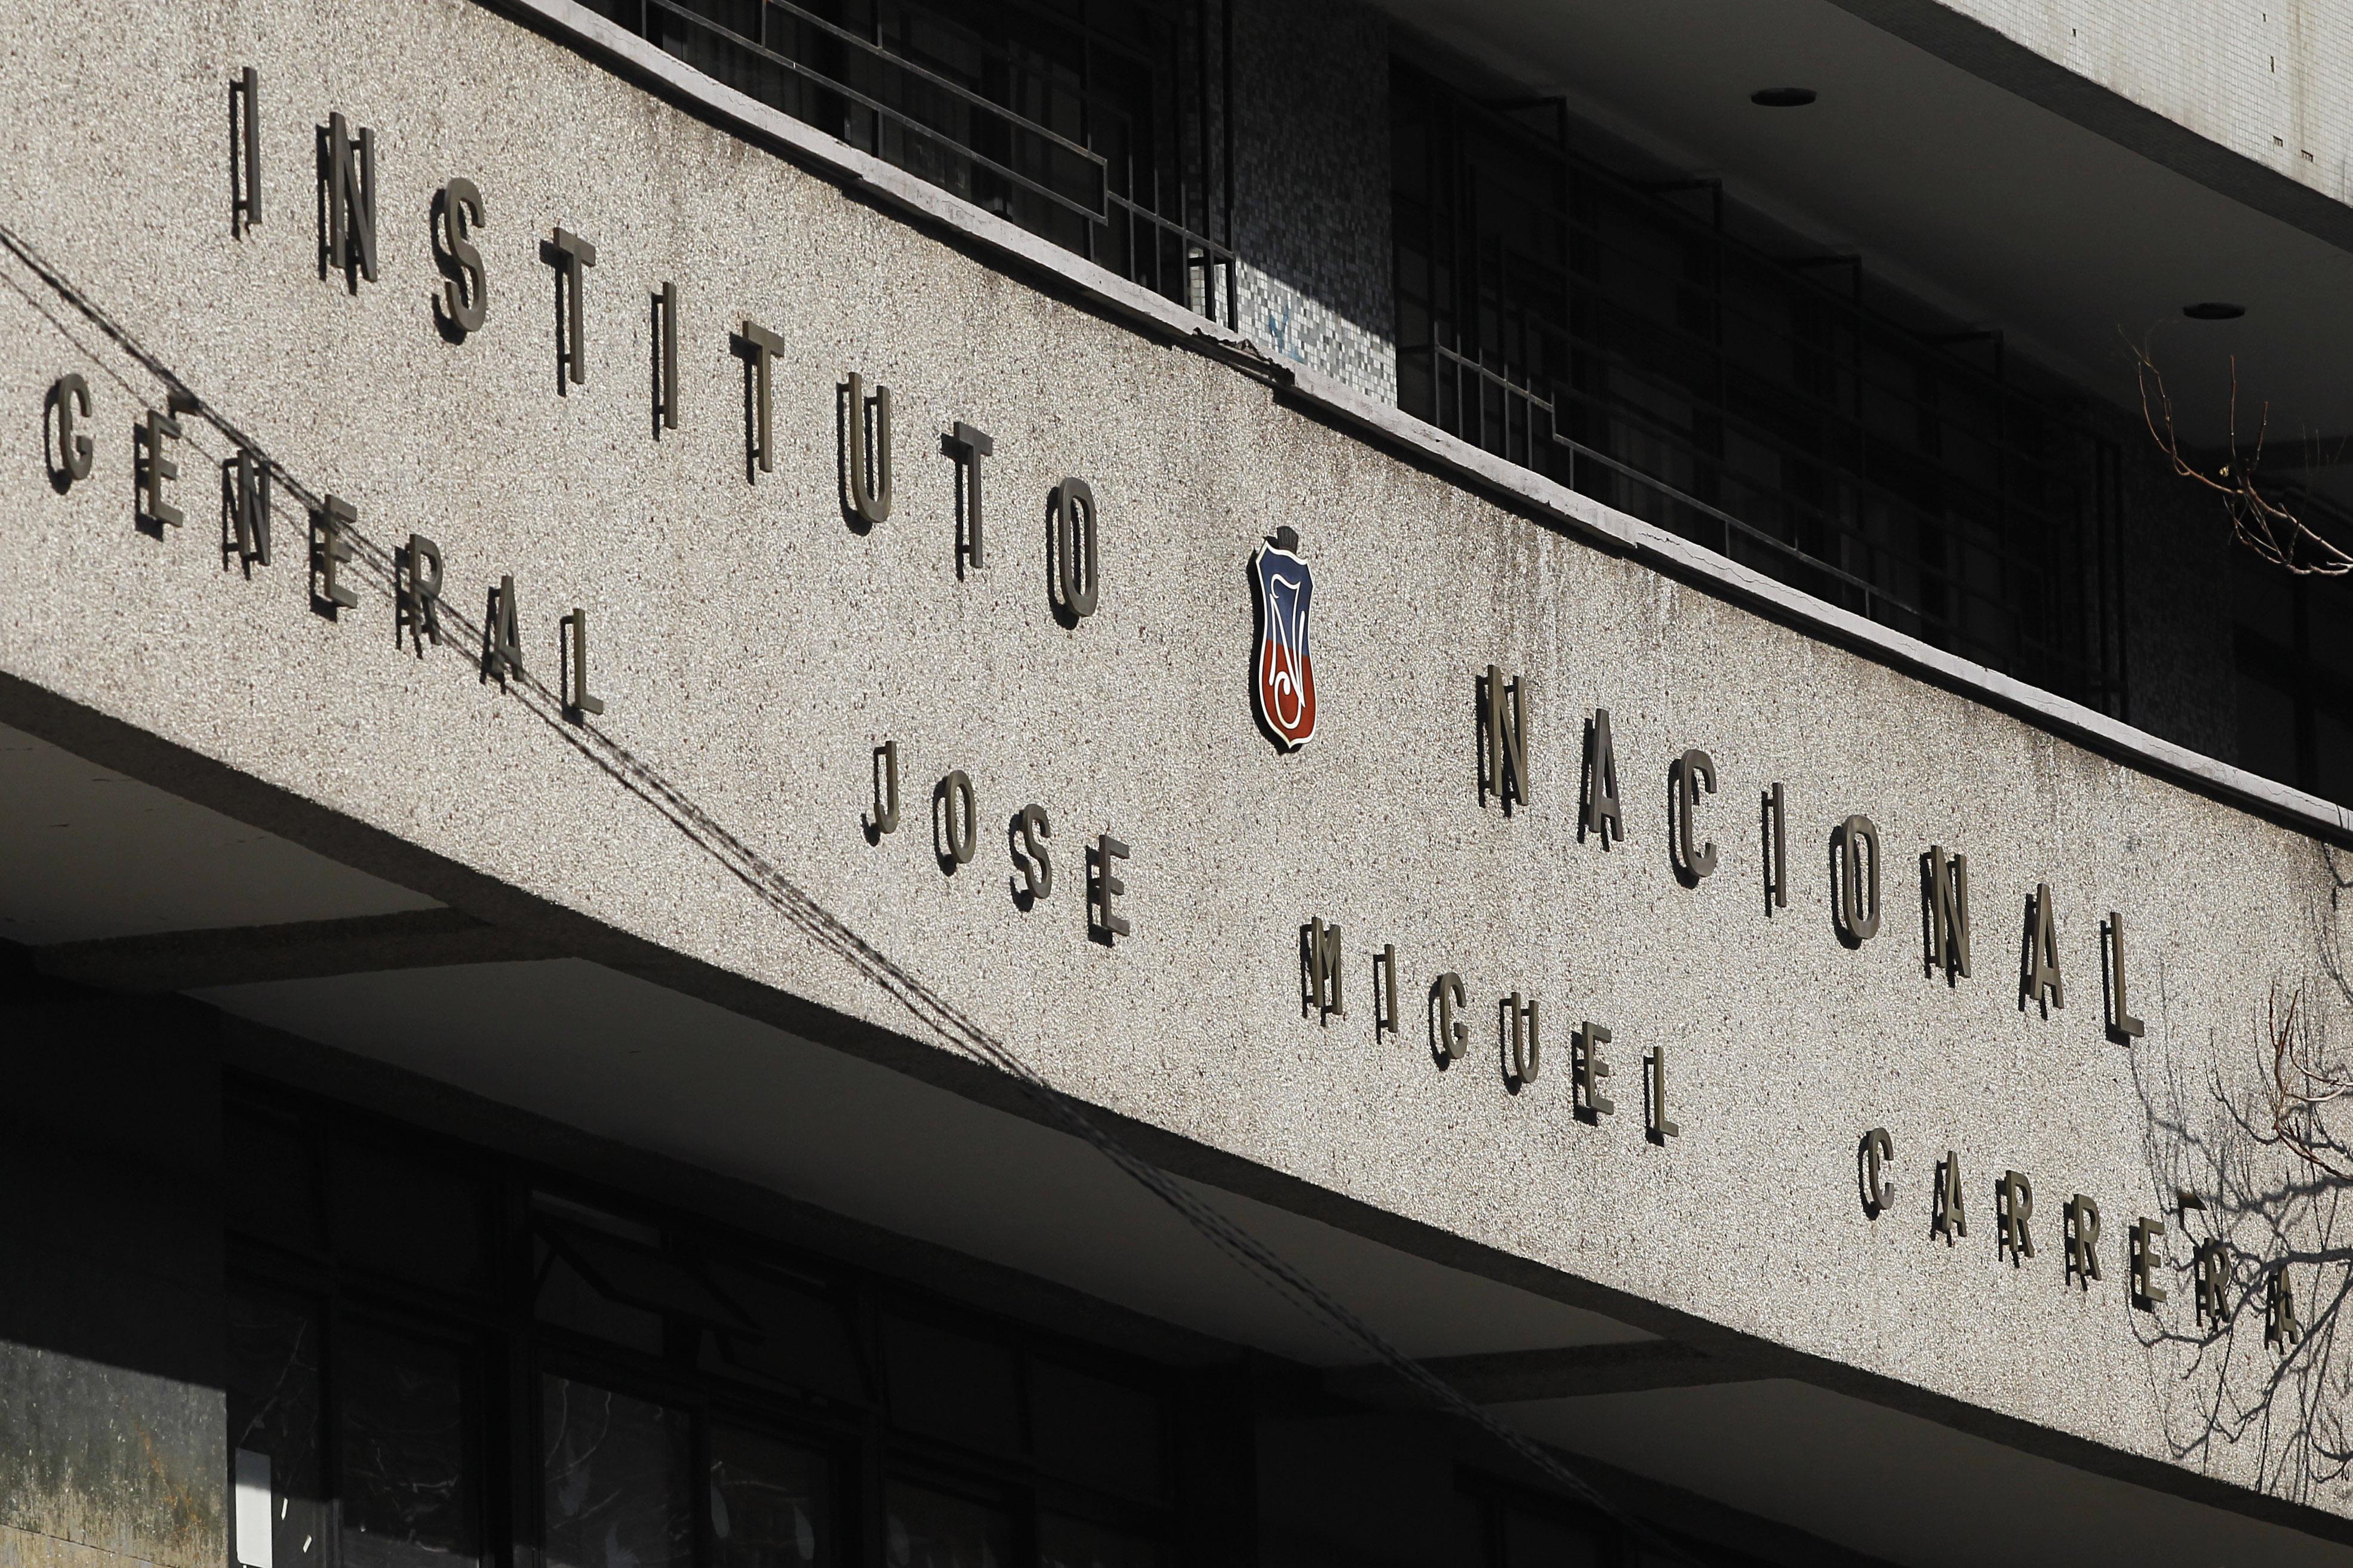 Ex alumnos del Instituto Nacional plantearon postergar votación sobre cambio a colegio mixto para mayor